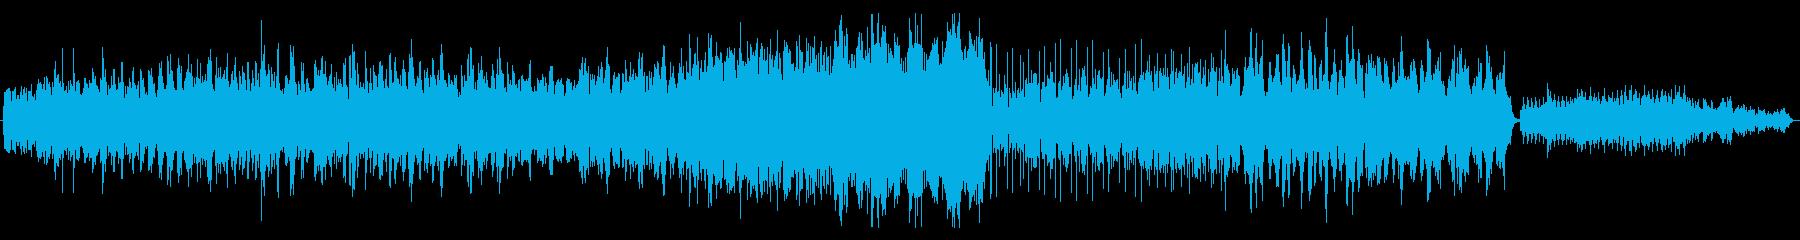 ピアノと弦のミニマルミュージックの再生済みの波形